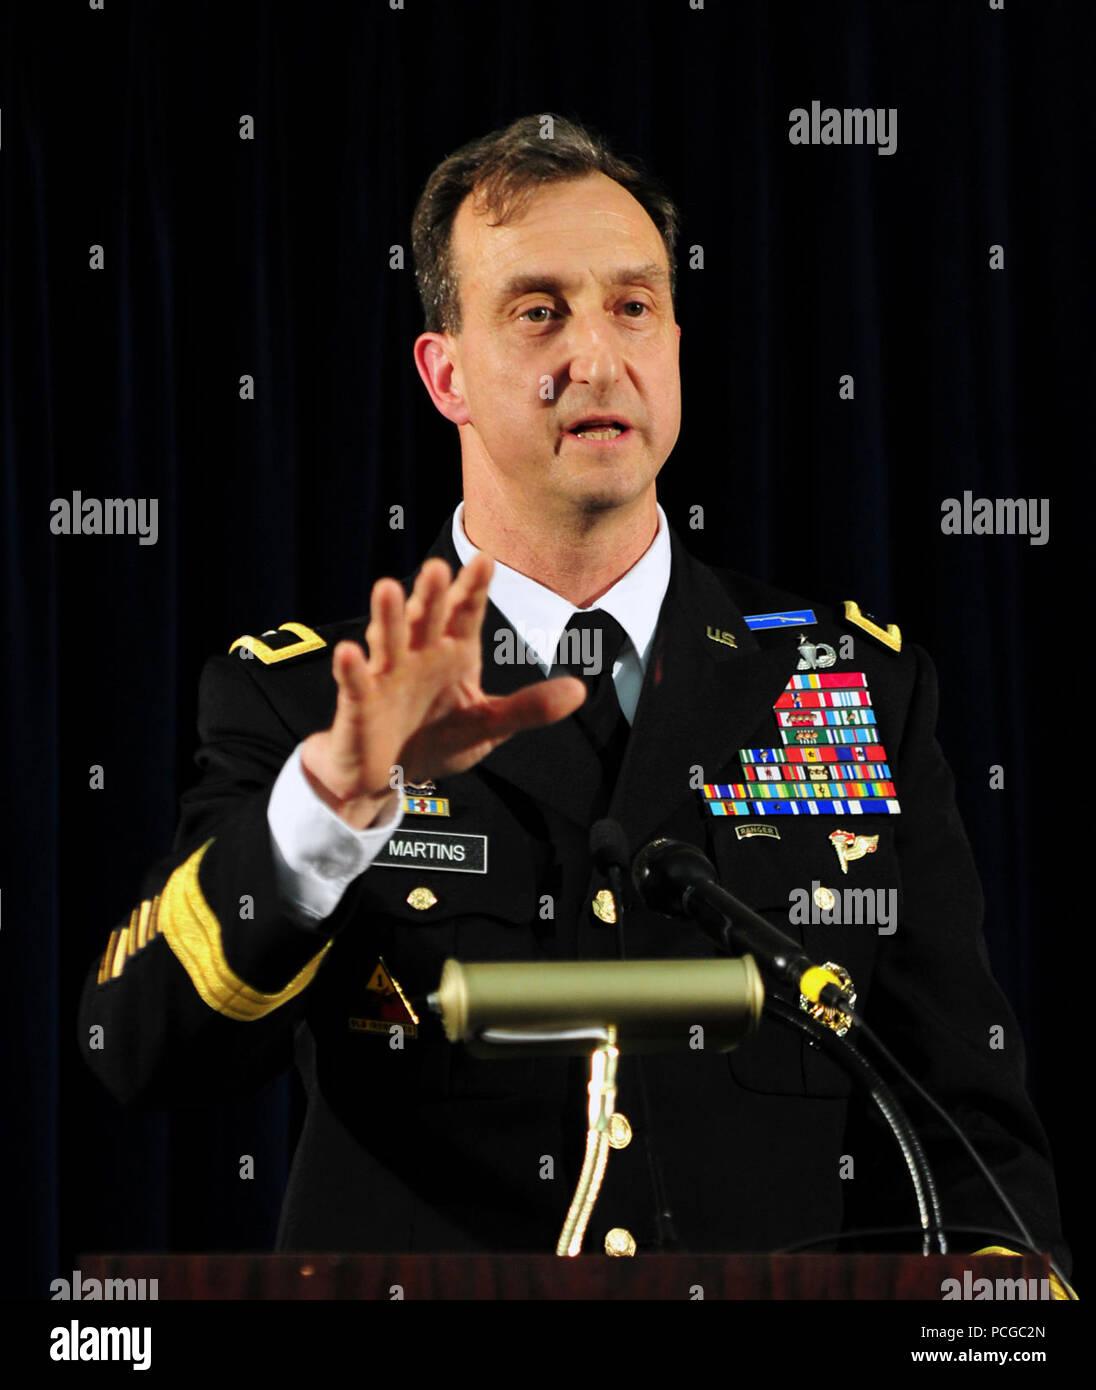 La estación naval de la bahía de Guantánamo, Cuba.- (12 de abril de 2012) - Brig. Gen. Mark S. Martins, la Fiscal Jefe de la Oficina de Comisiones Militares, se ocupa de los medios de comunicación durante una conferencia de prensa después de la Oficina de Comisiones Militares concluyó otra ronda de propuestas legales en nombre de Abd al-Rahim al-Nashiri, Arabia hombre acusado de tramar el 2000 Bombardeo de la USS Cole (DDG-67) en Yemen en la que 17 marineros estadounidenses murieron en el ataque terrorista. Al-Nashiri también está acusado de establecer el de octubre de 2002 Bombardeo del superpetrolero francés MV Limburg, así como un ataque fallido en otro Améric Foto de stock